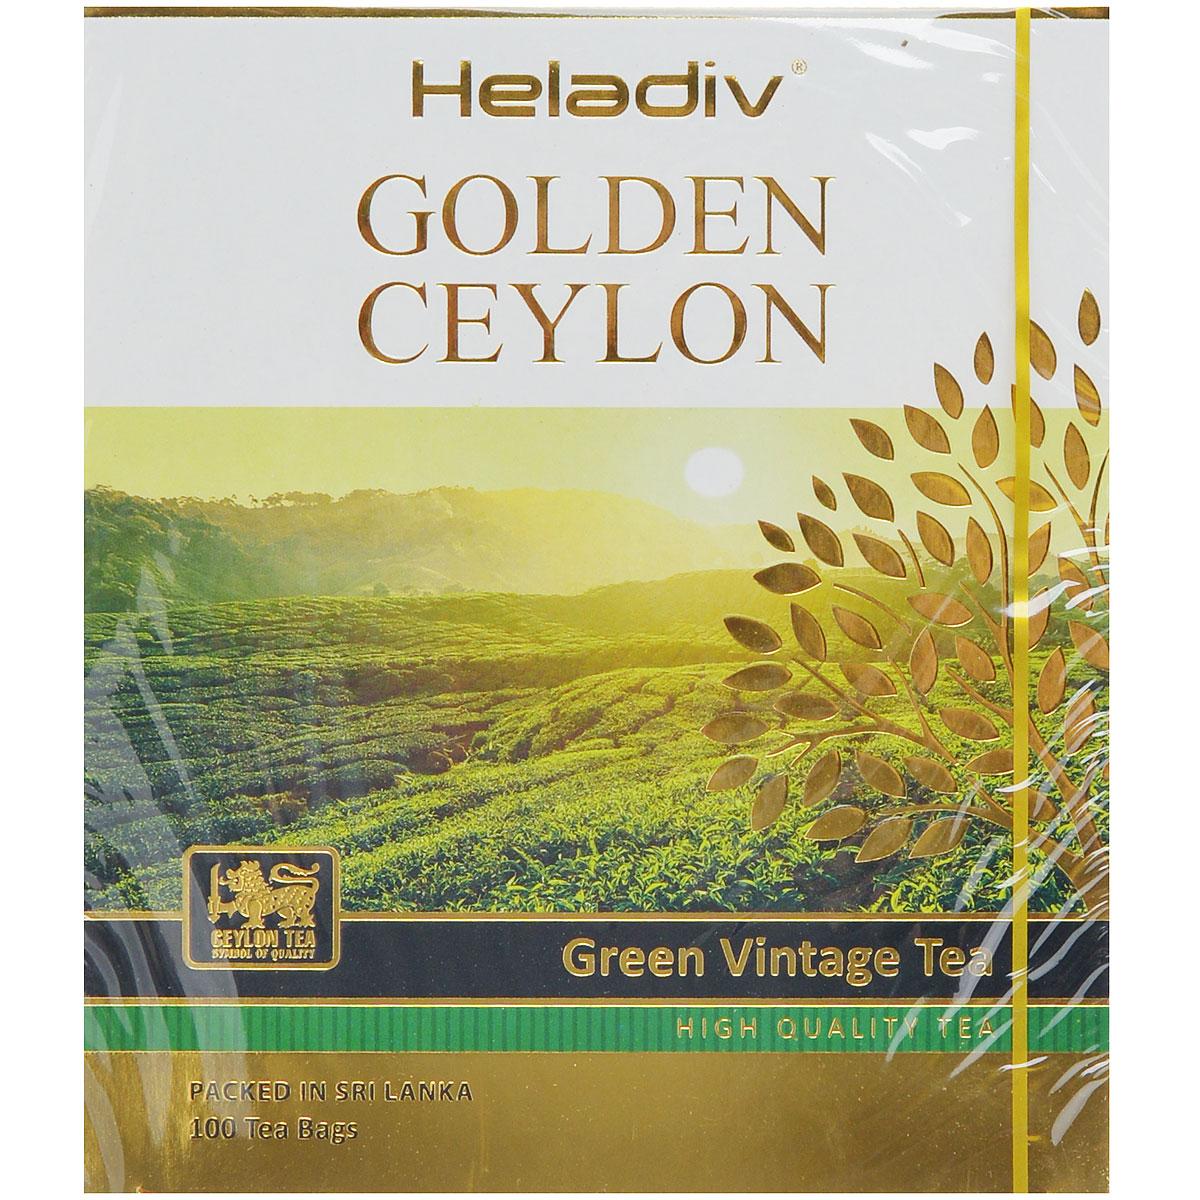 Heladiv Golden Ceylon Vintage Green зеленый пакетированный чай, 100 пакетиков4791007010791Heladiv Golden Ceylon Vintage Green - зеленый цейлонский чай в пакетиках для разовой заварки.